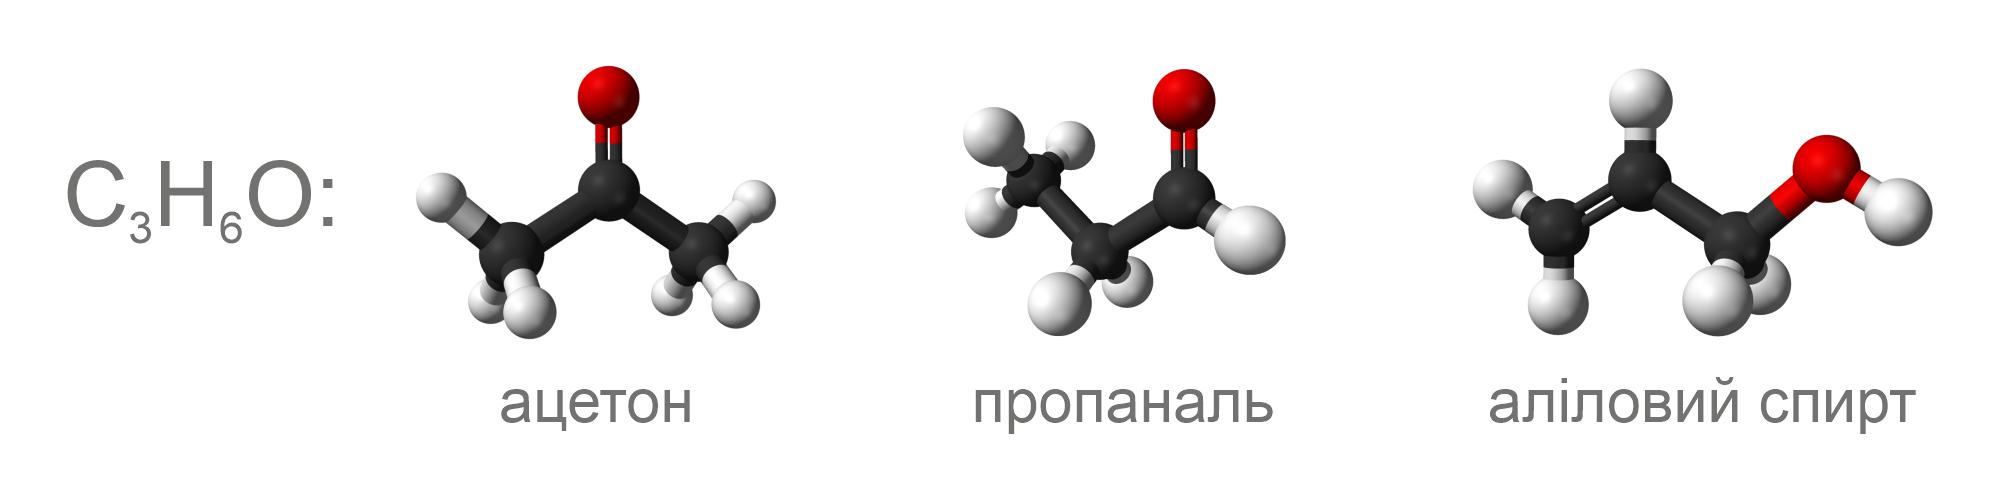 Ацетон, пропаналь та аліловий спирт є ізомерами, бо вони мають хімічну формулу C3H6O